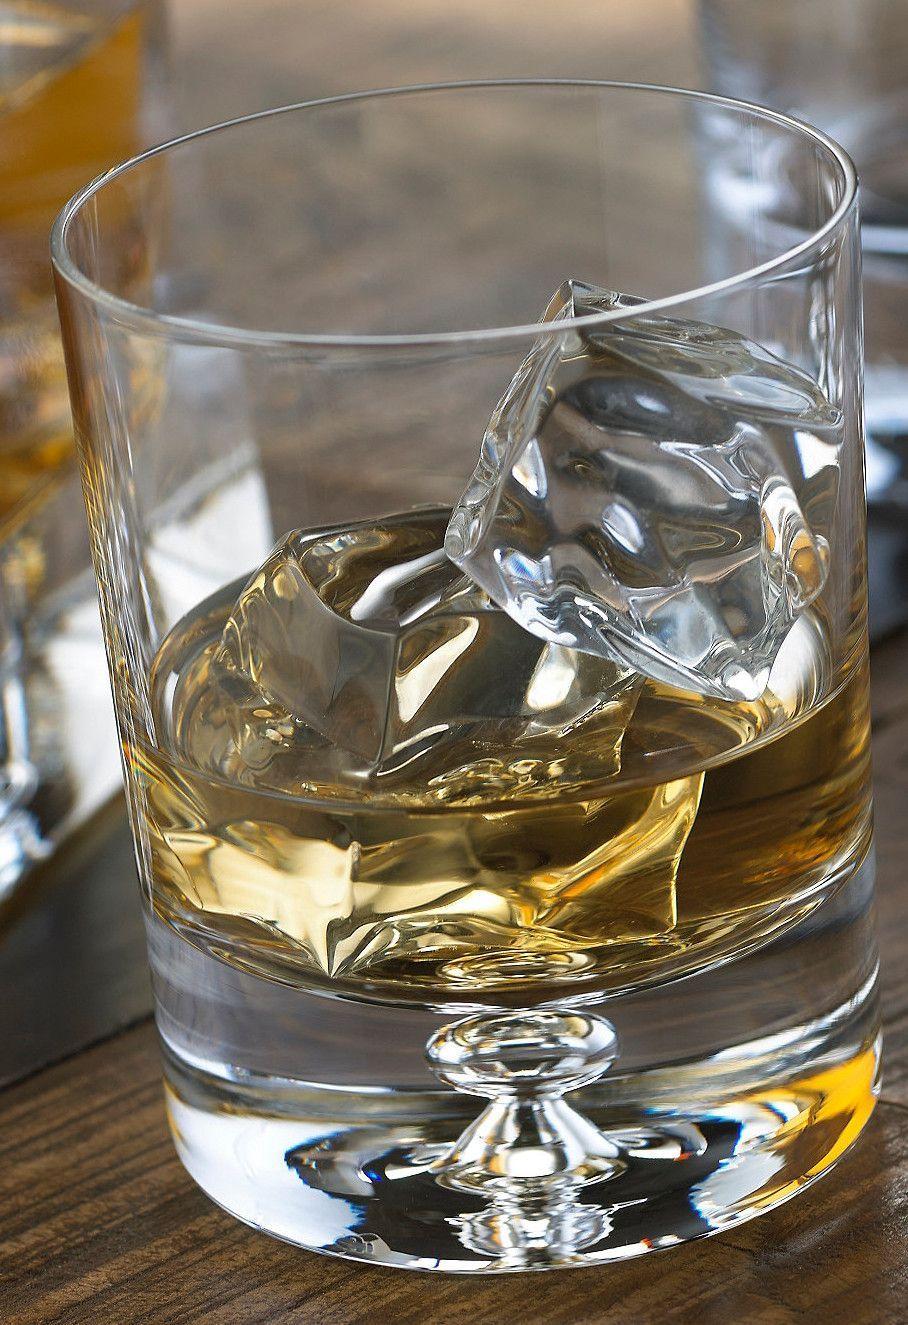 Old Fashioned 8.5 oz. Whiskey Glass Whiskey glasses set